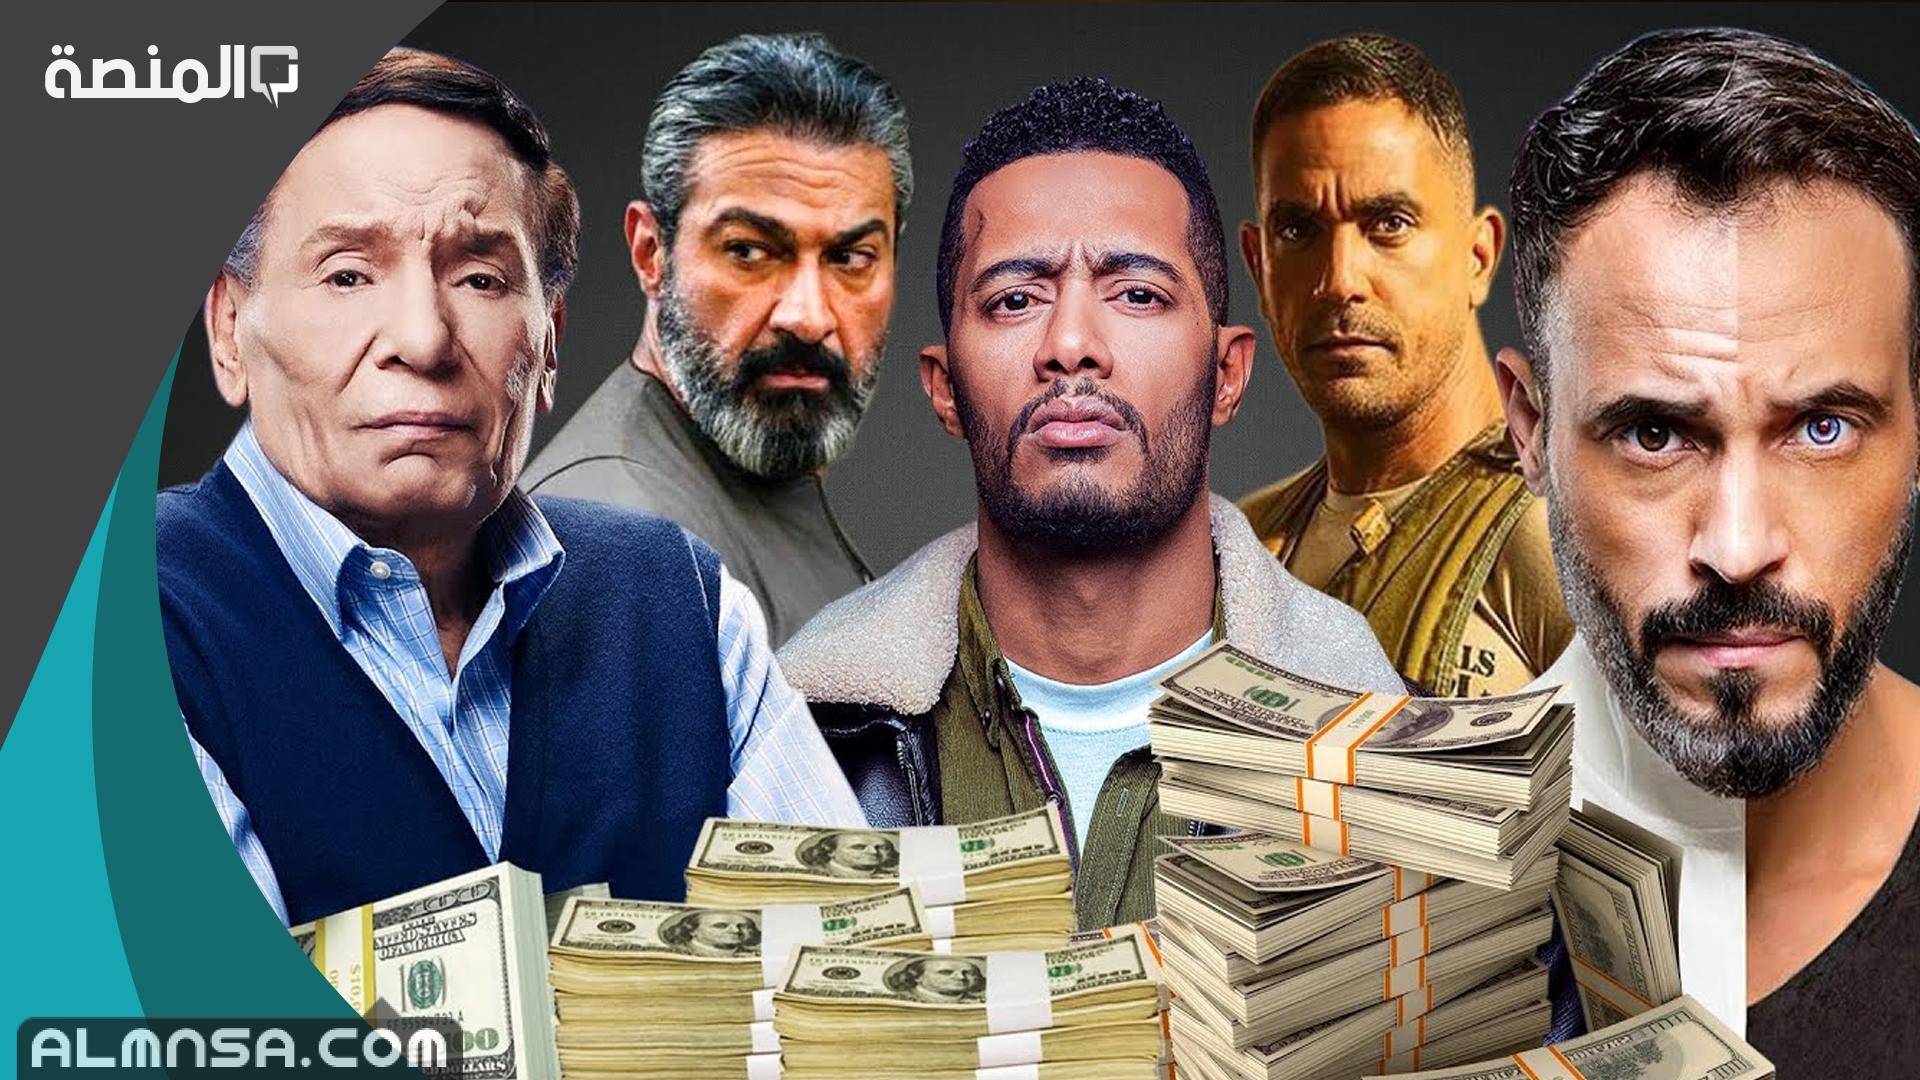 اجور الممثلين في مسلسلات رمضان 2021 المنصة